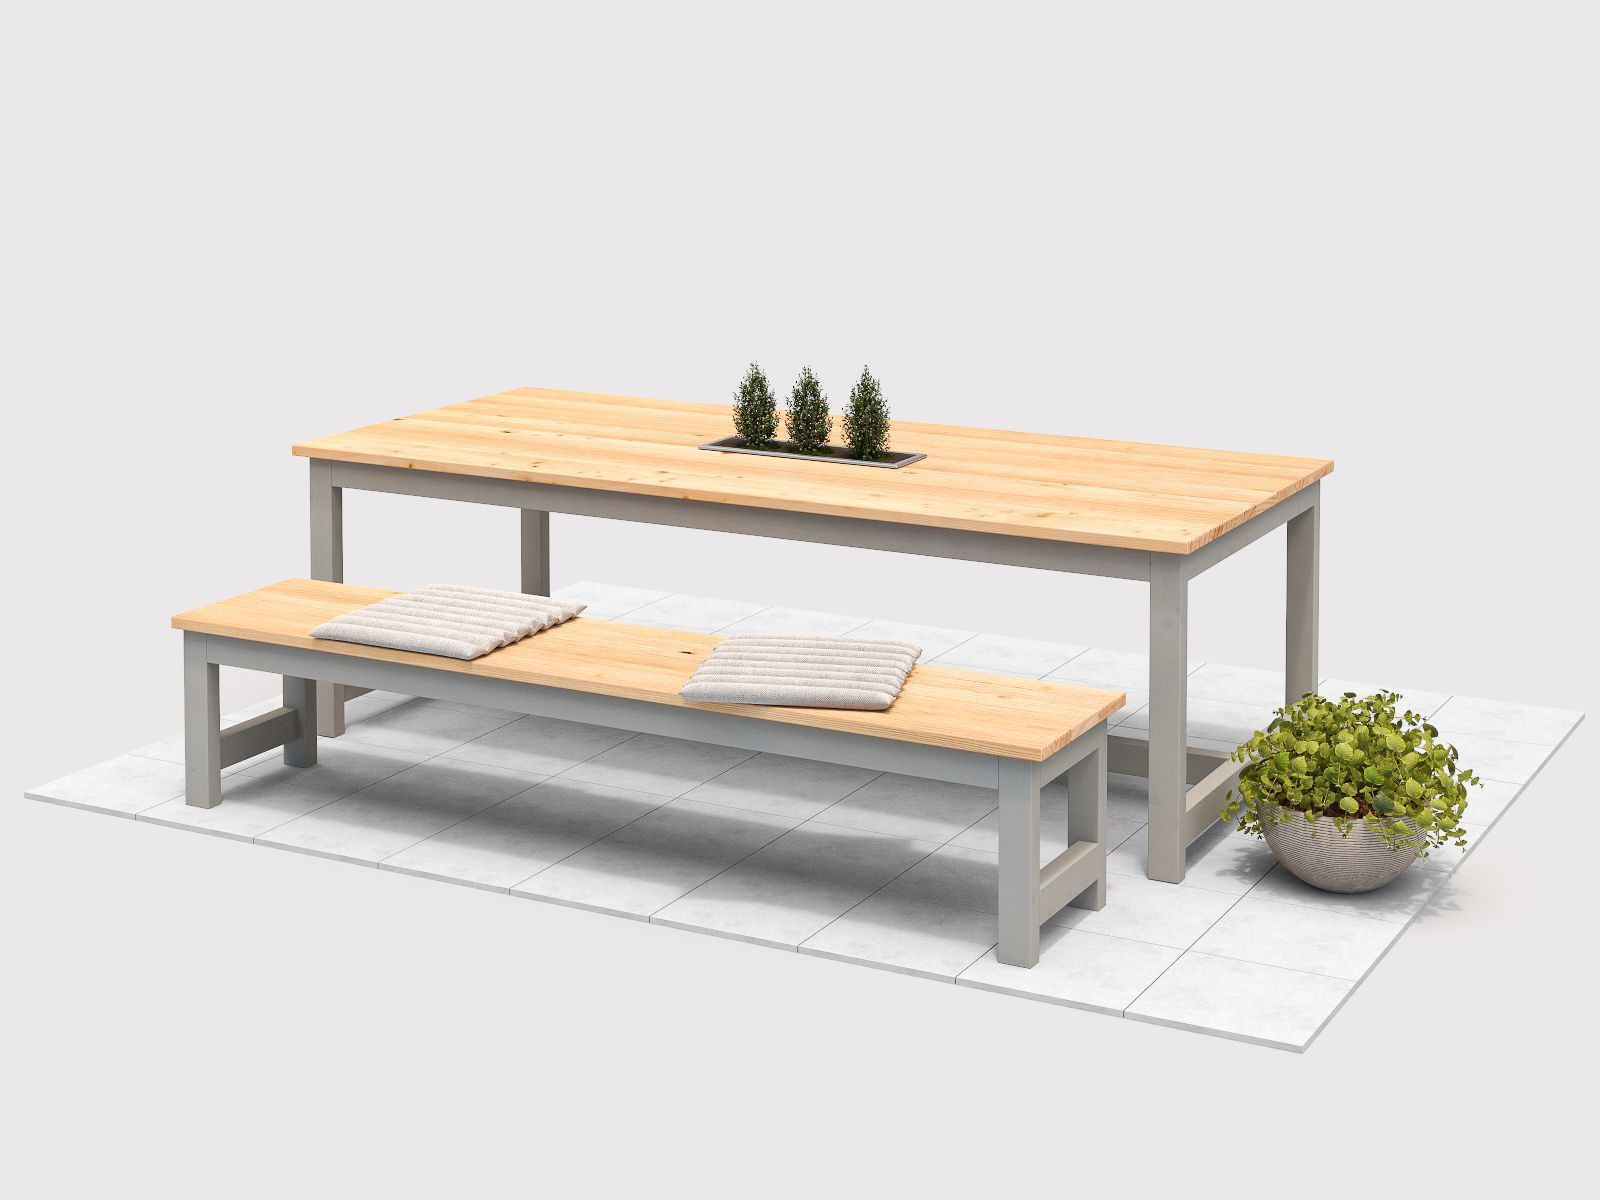 Gartentisch Richard Selber Bauen Alle Mobel Gartentisch